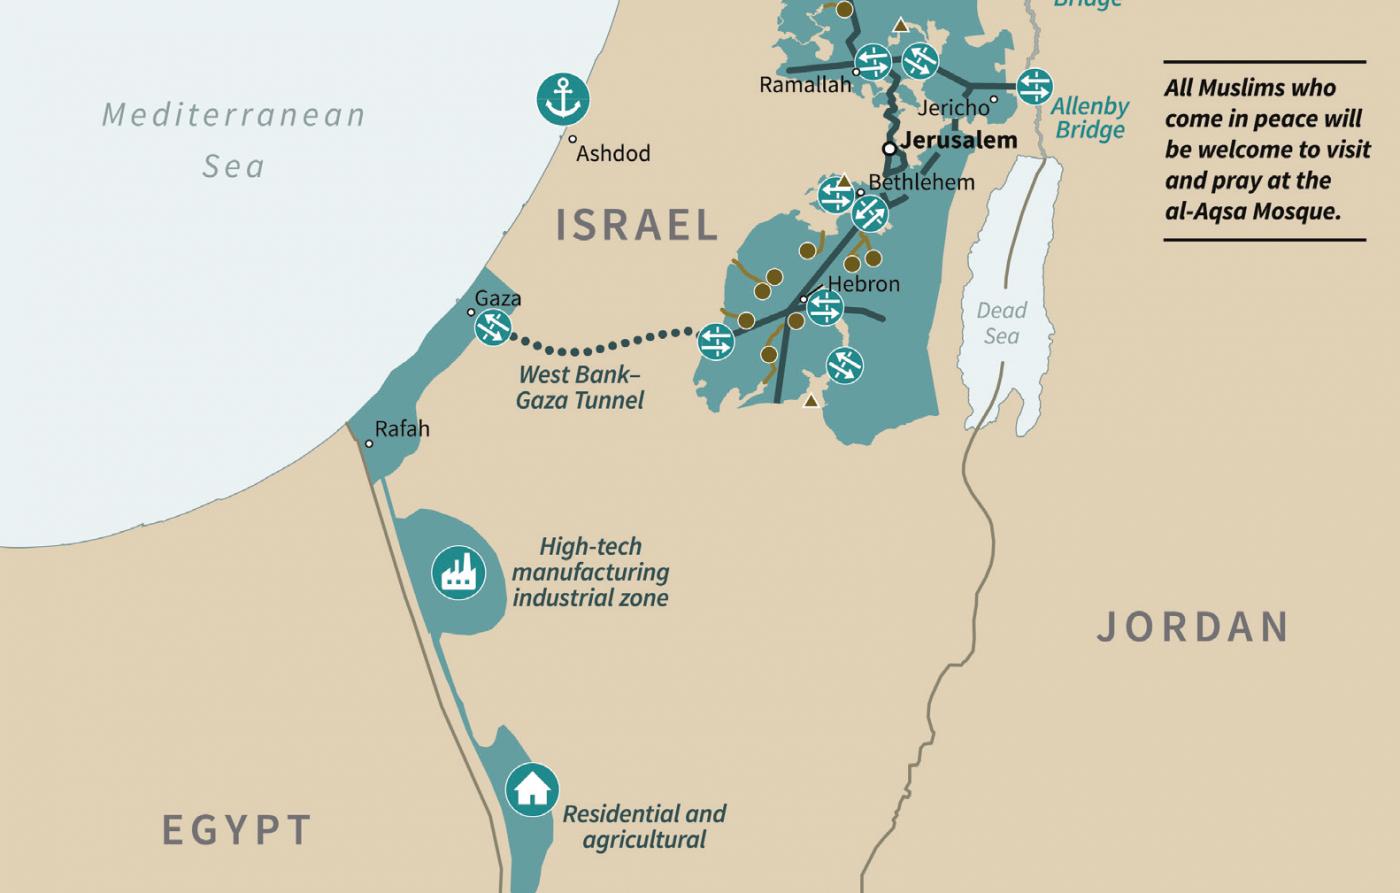 جغرافیای فلسطین جدید چگونه خواهد بود؟